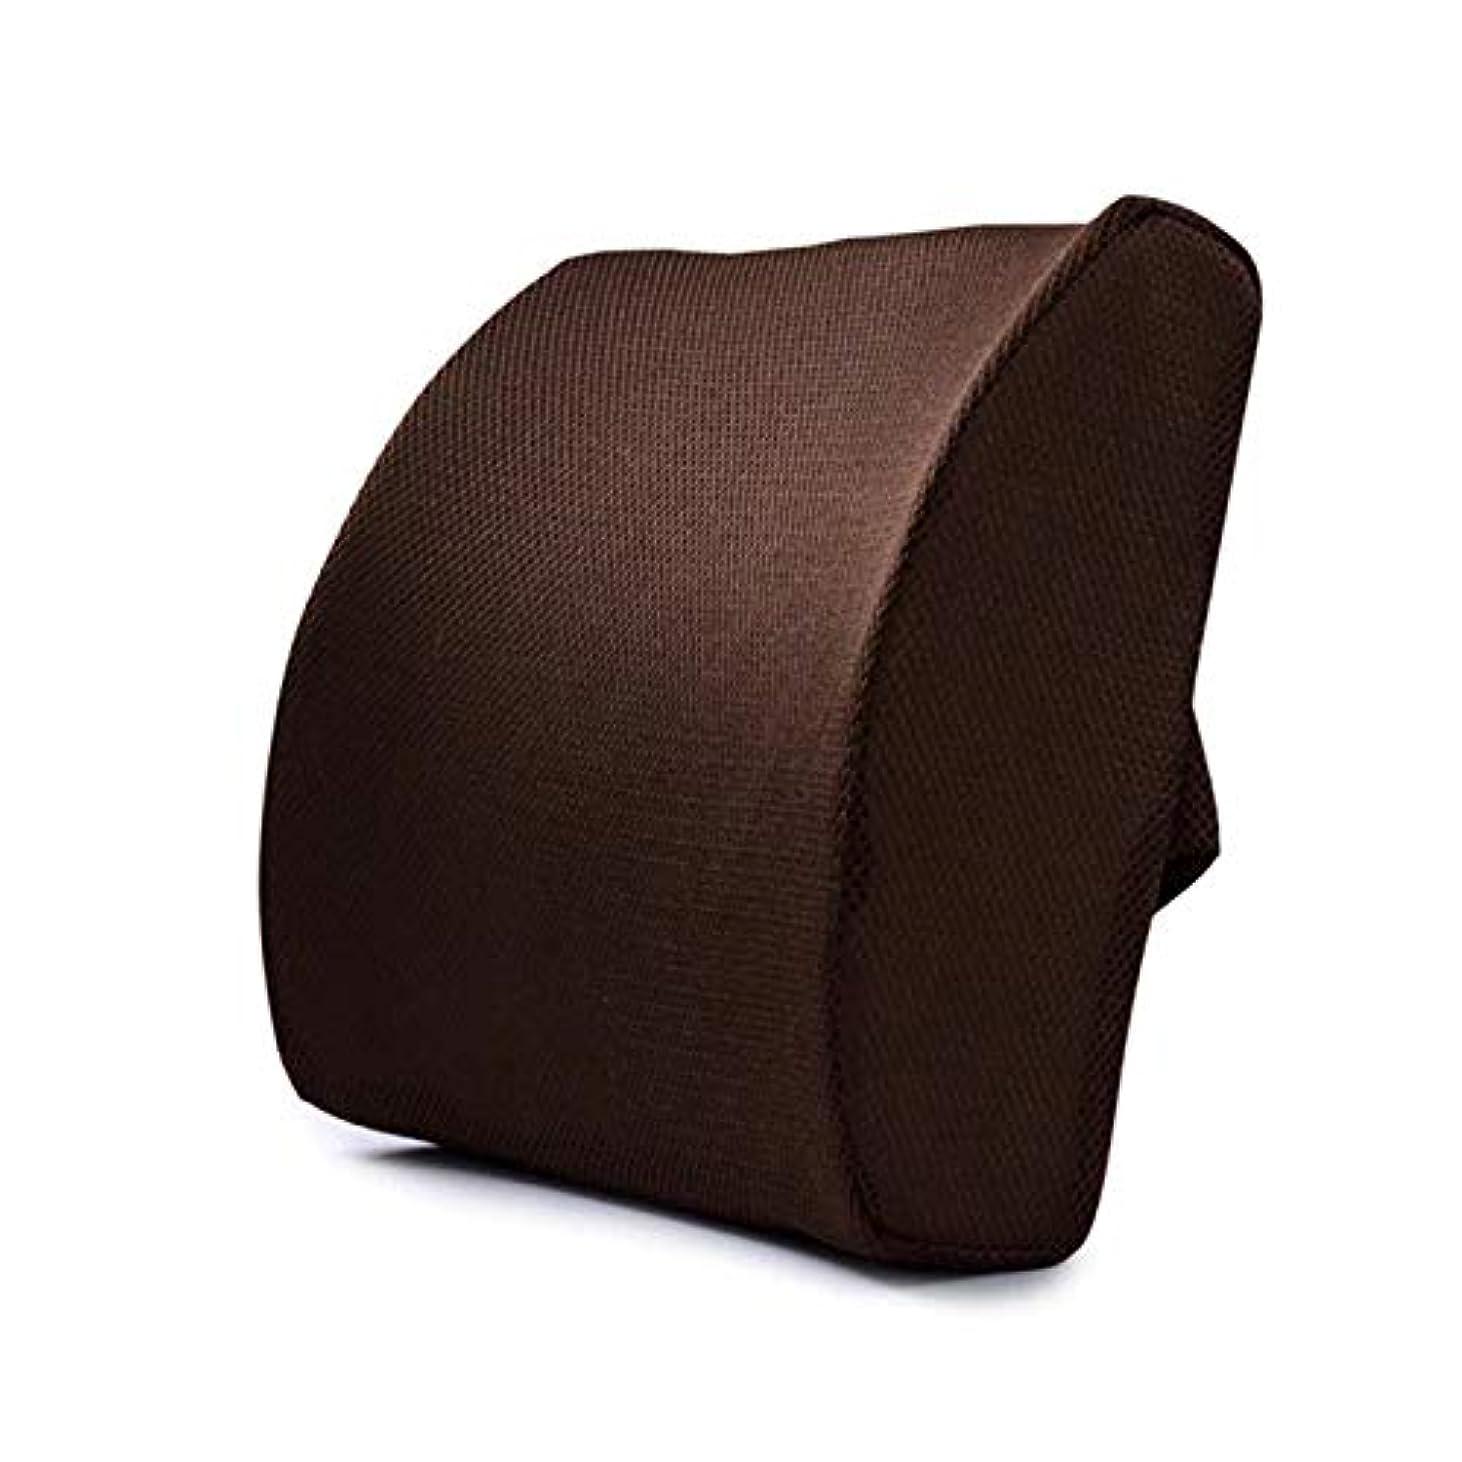 アスペクト出撃者動作LIFE ホームオフィス背もたれ椅子腰椎クッションカーシートネック枕 3D 低反発サポートバックマッサージウエストレスリビング枕 クッション 椅子